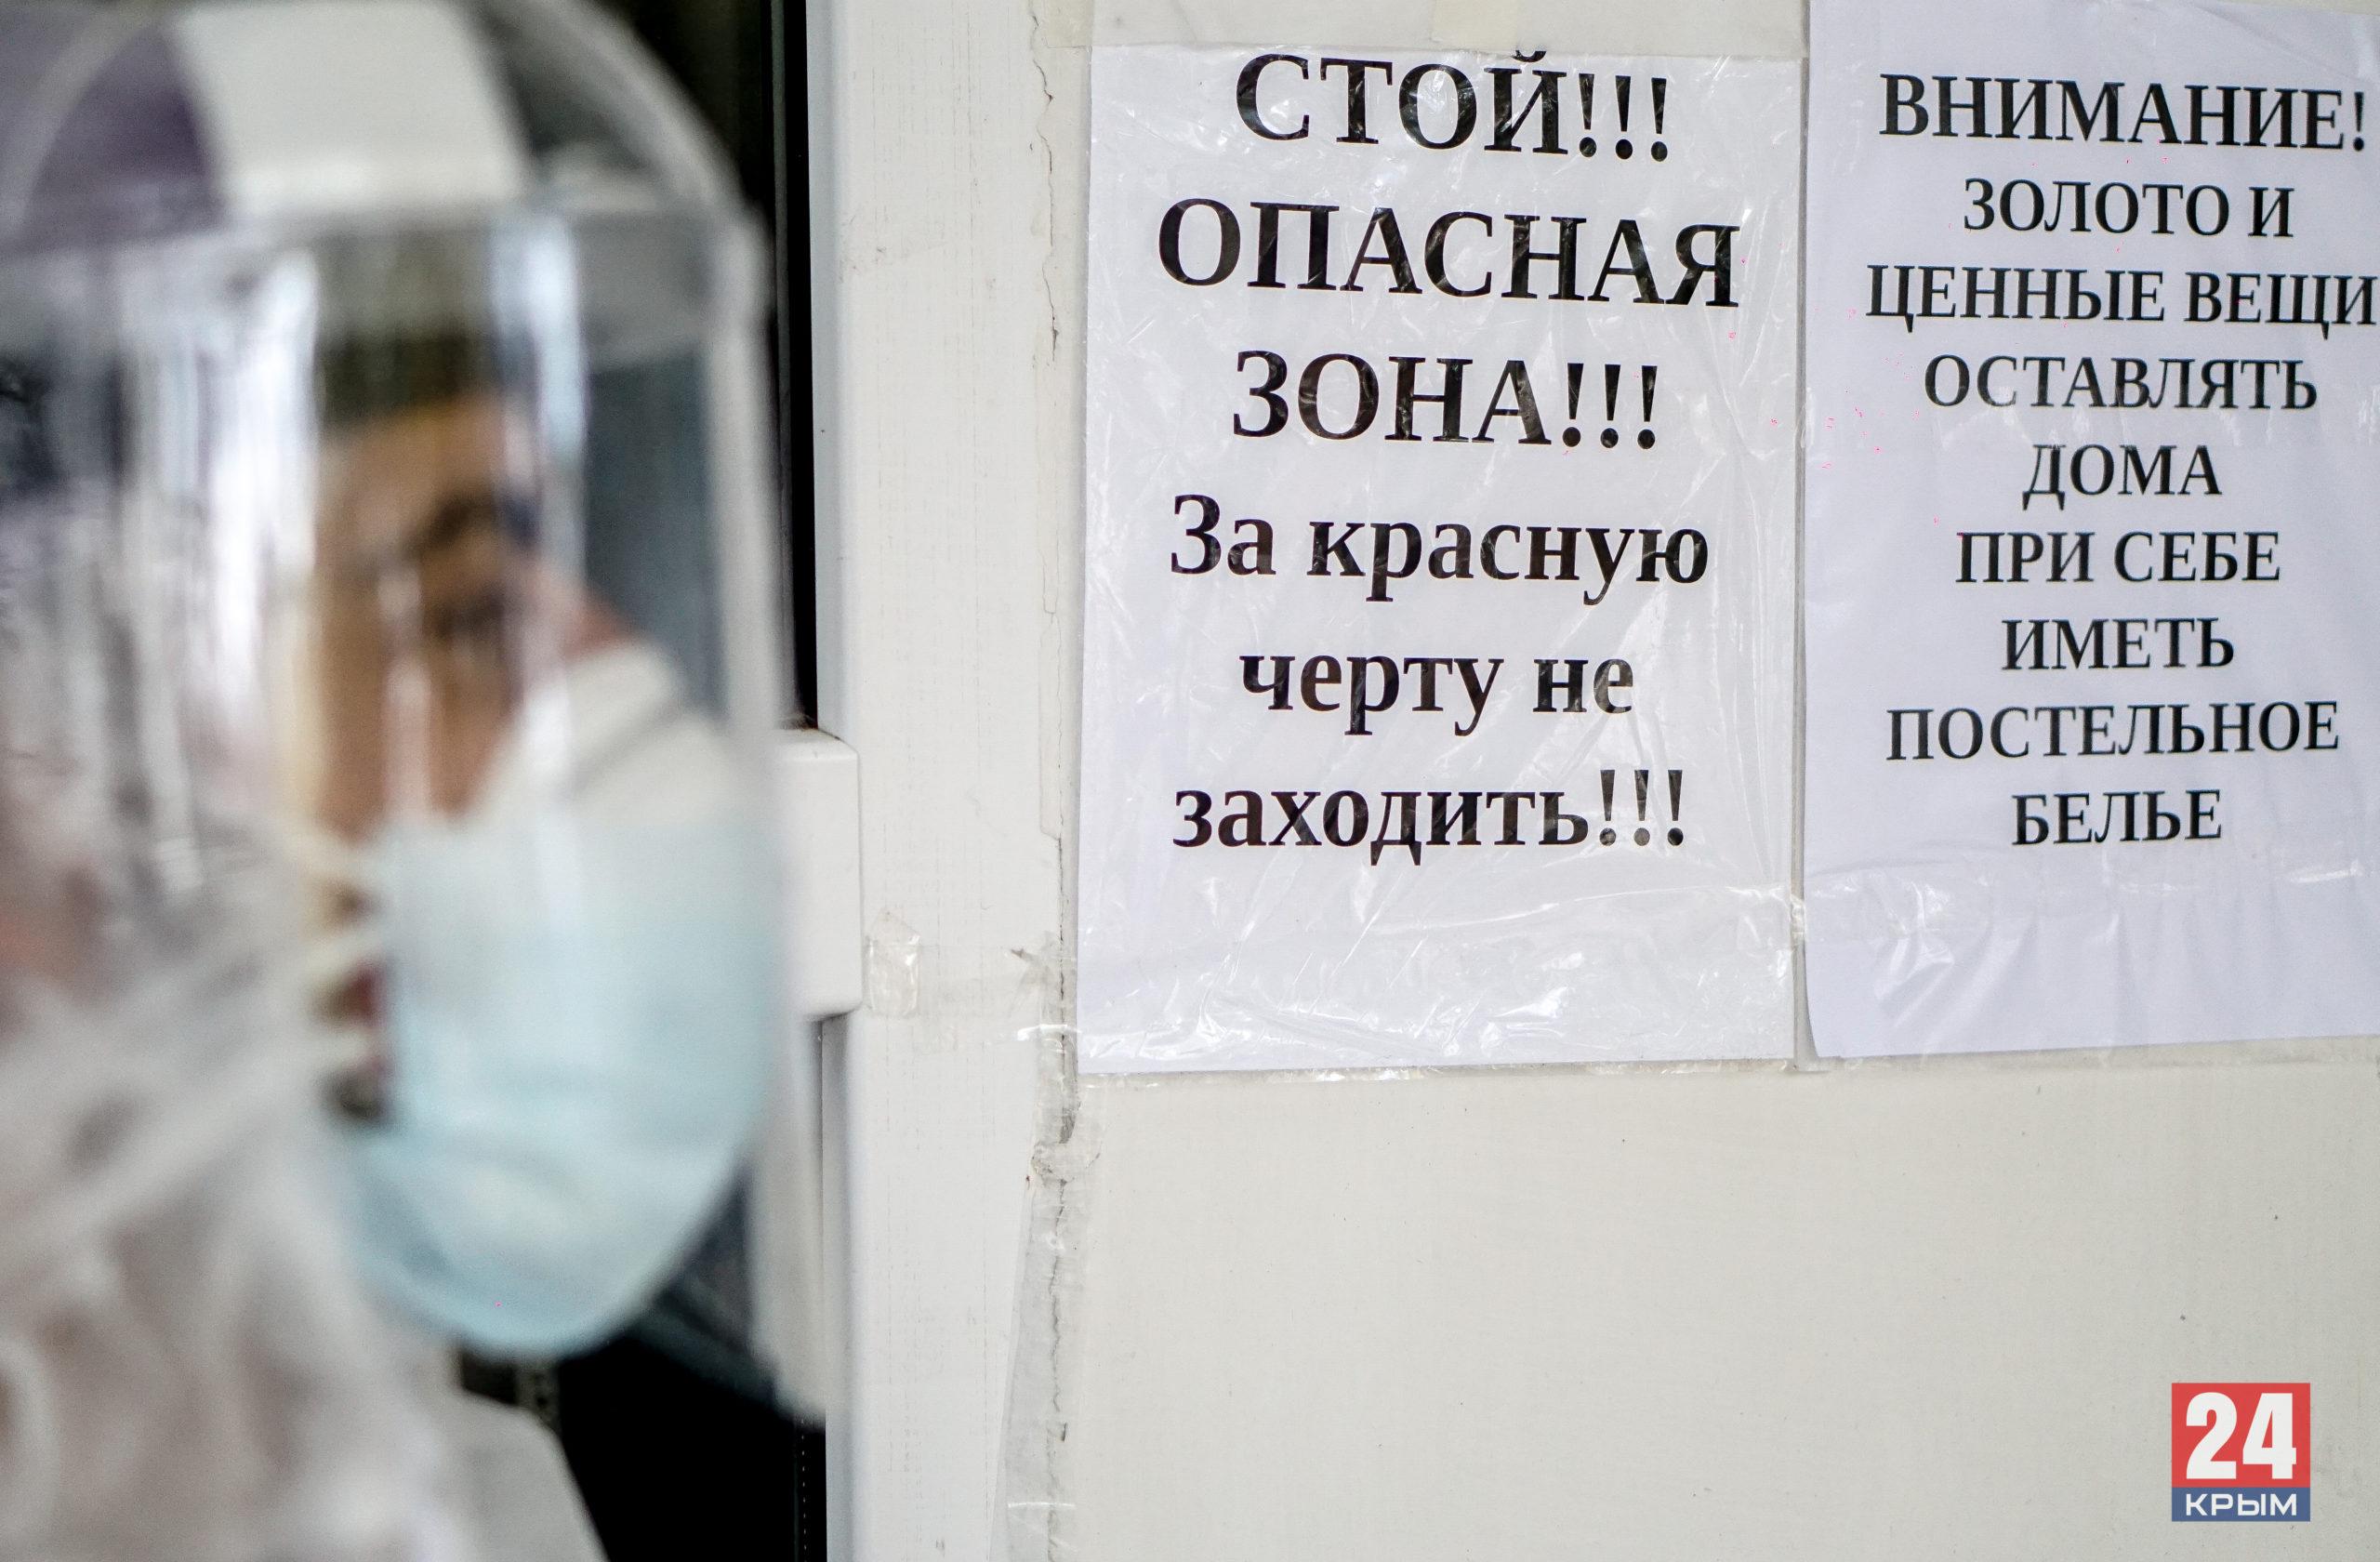 В Крыму выявили ещё 253 случая заболевания коронавирусом за сутки